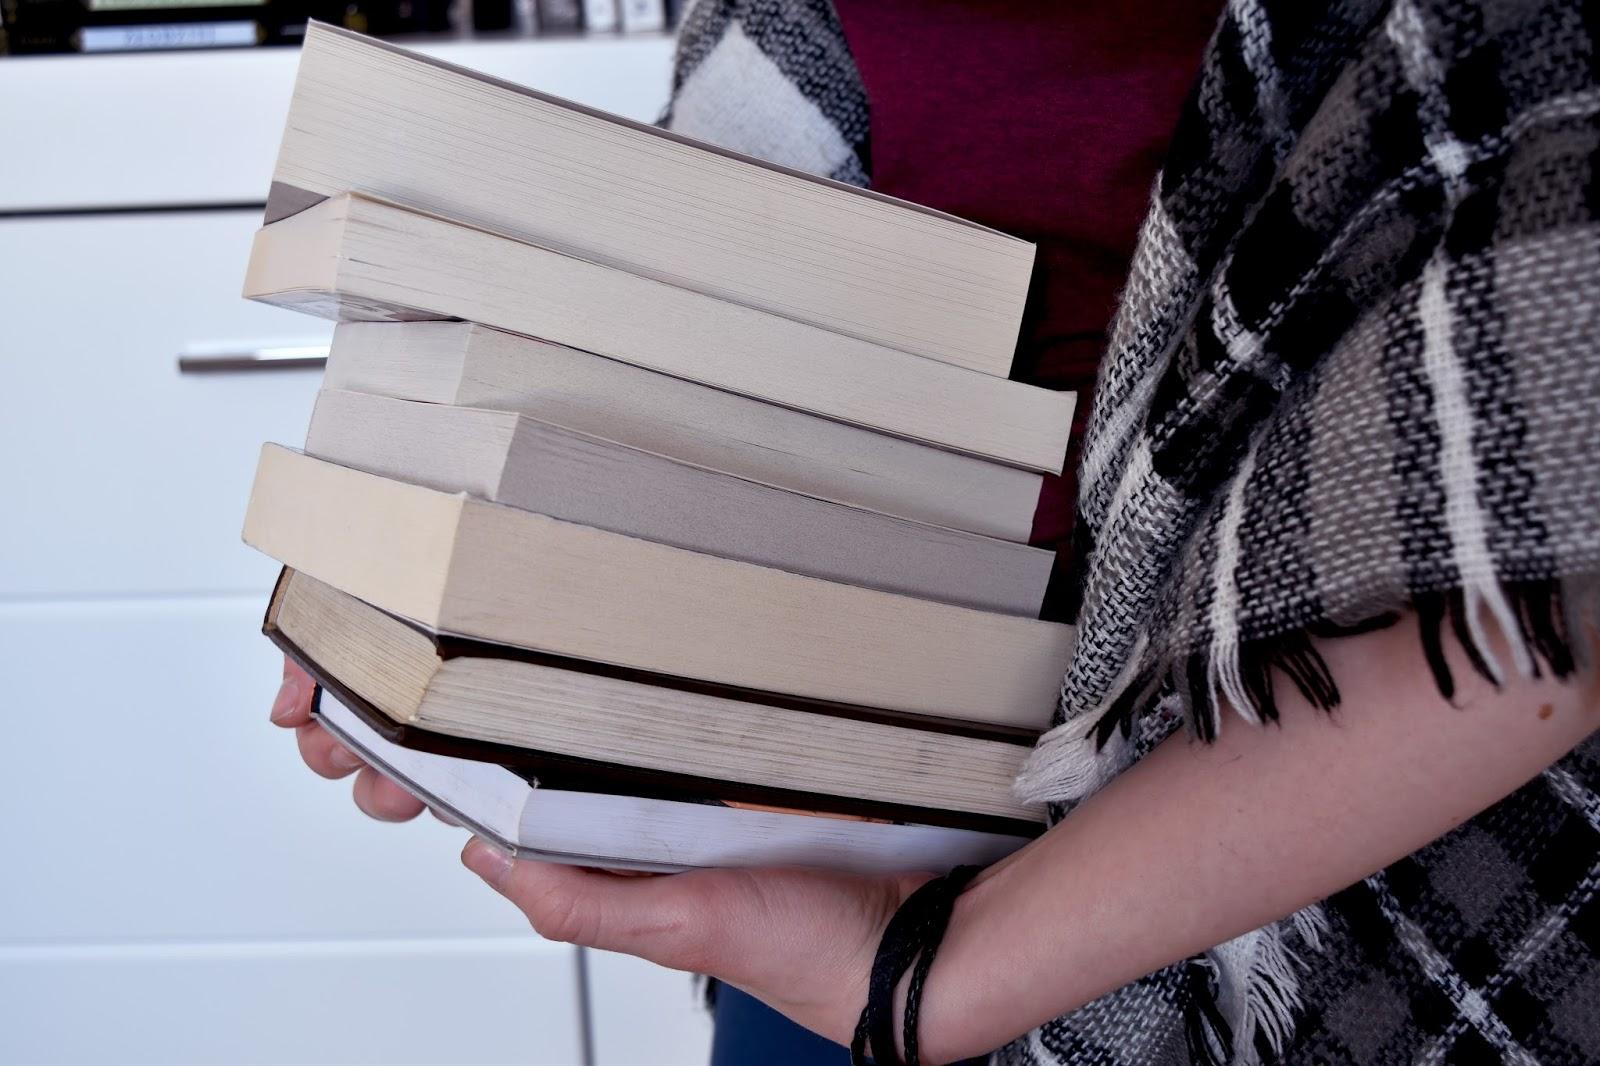 nowe książki, tanie książki, książki za parę złotych, stosik, sierpień, zakupy, czytam.pl, Dedalus, Tak czytam, jesień, koc, książki